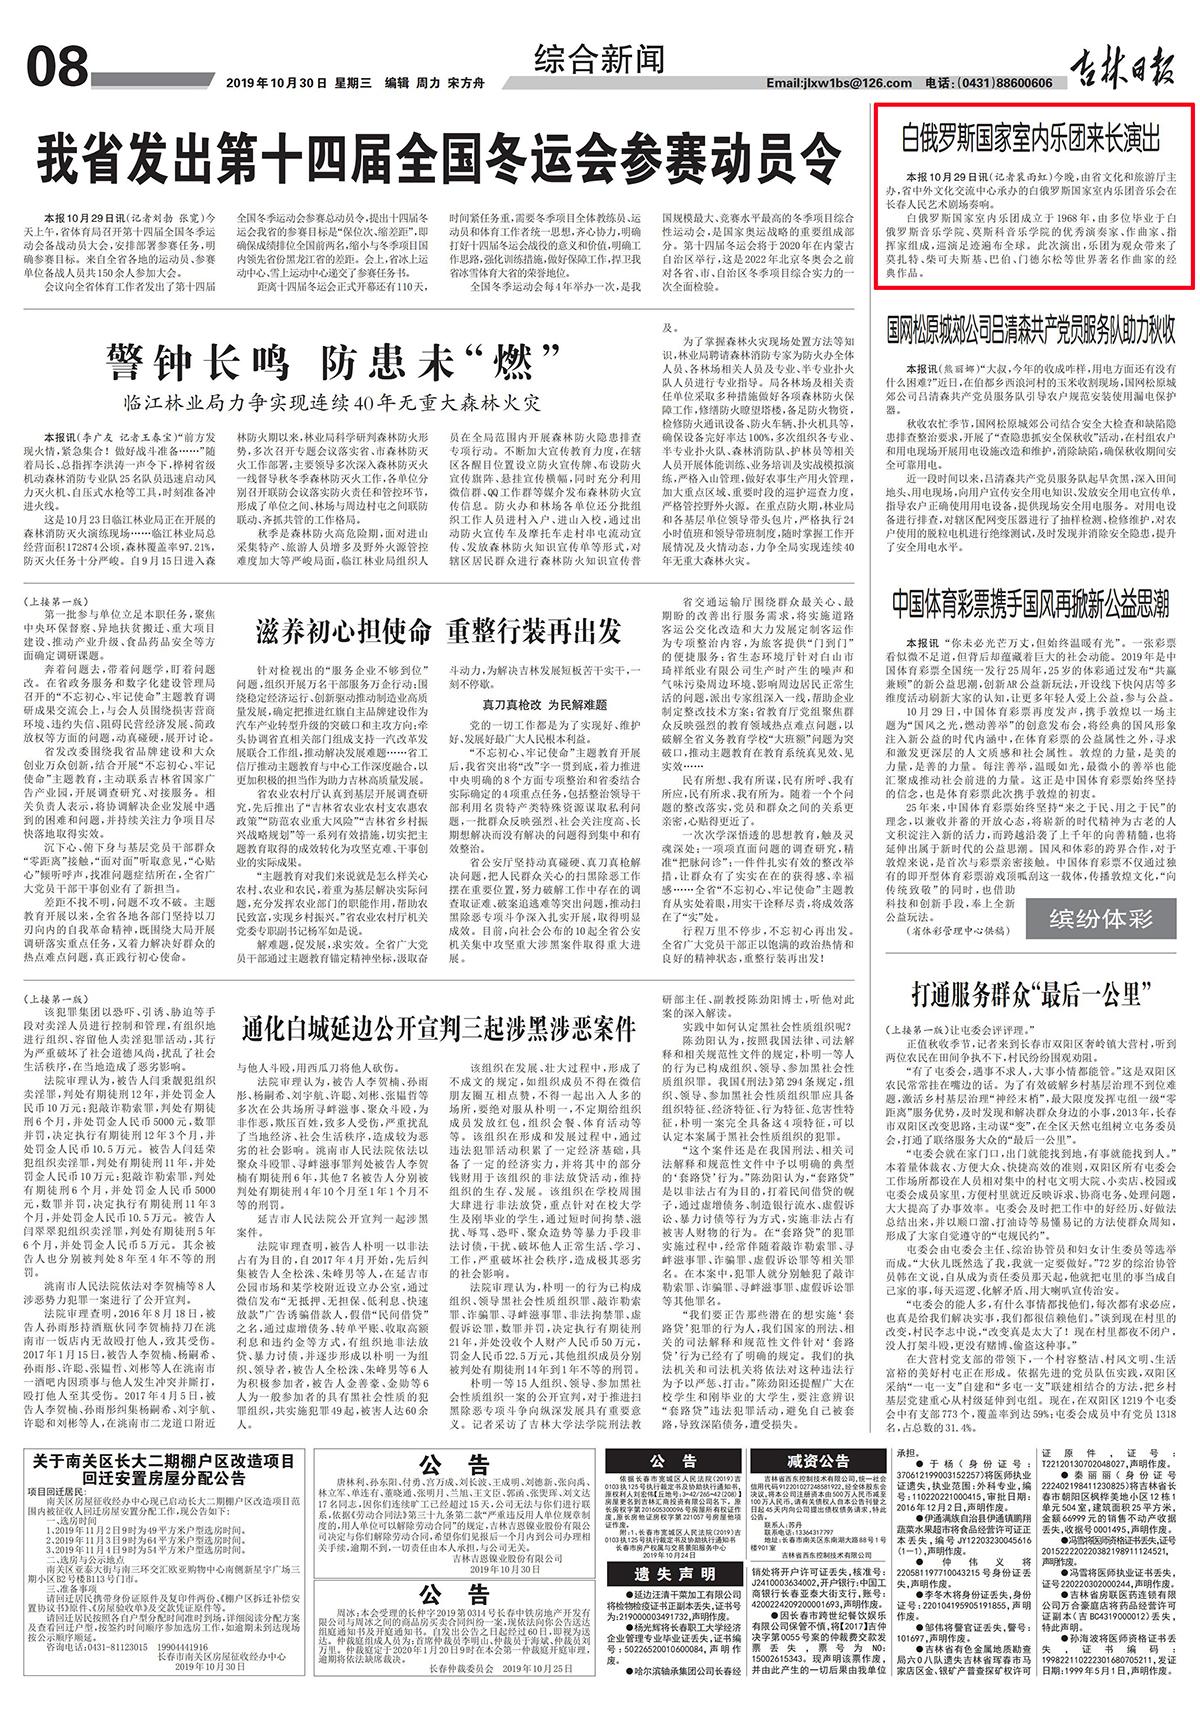 2019年10月29日、30日 白俄罗斯国家室内乐团演出 吉林日报报道